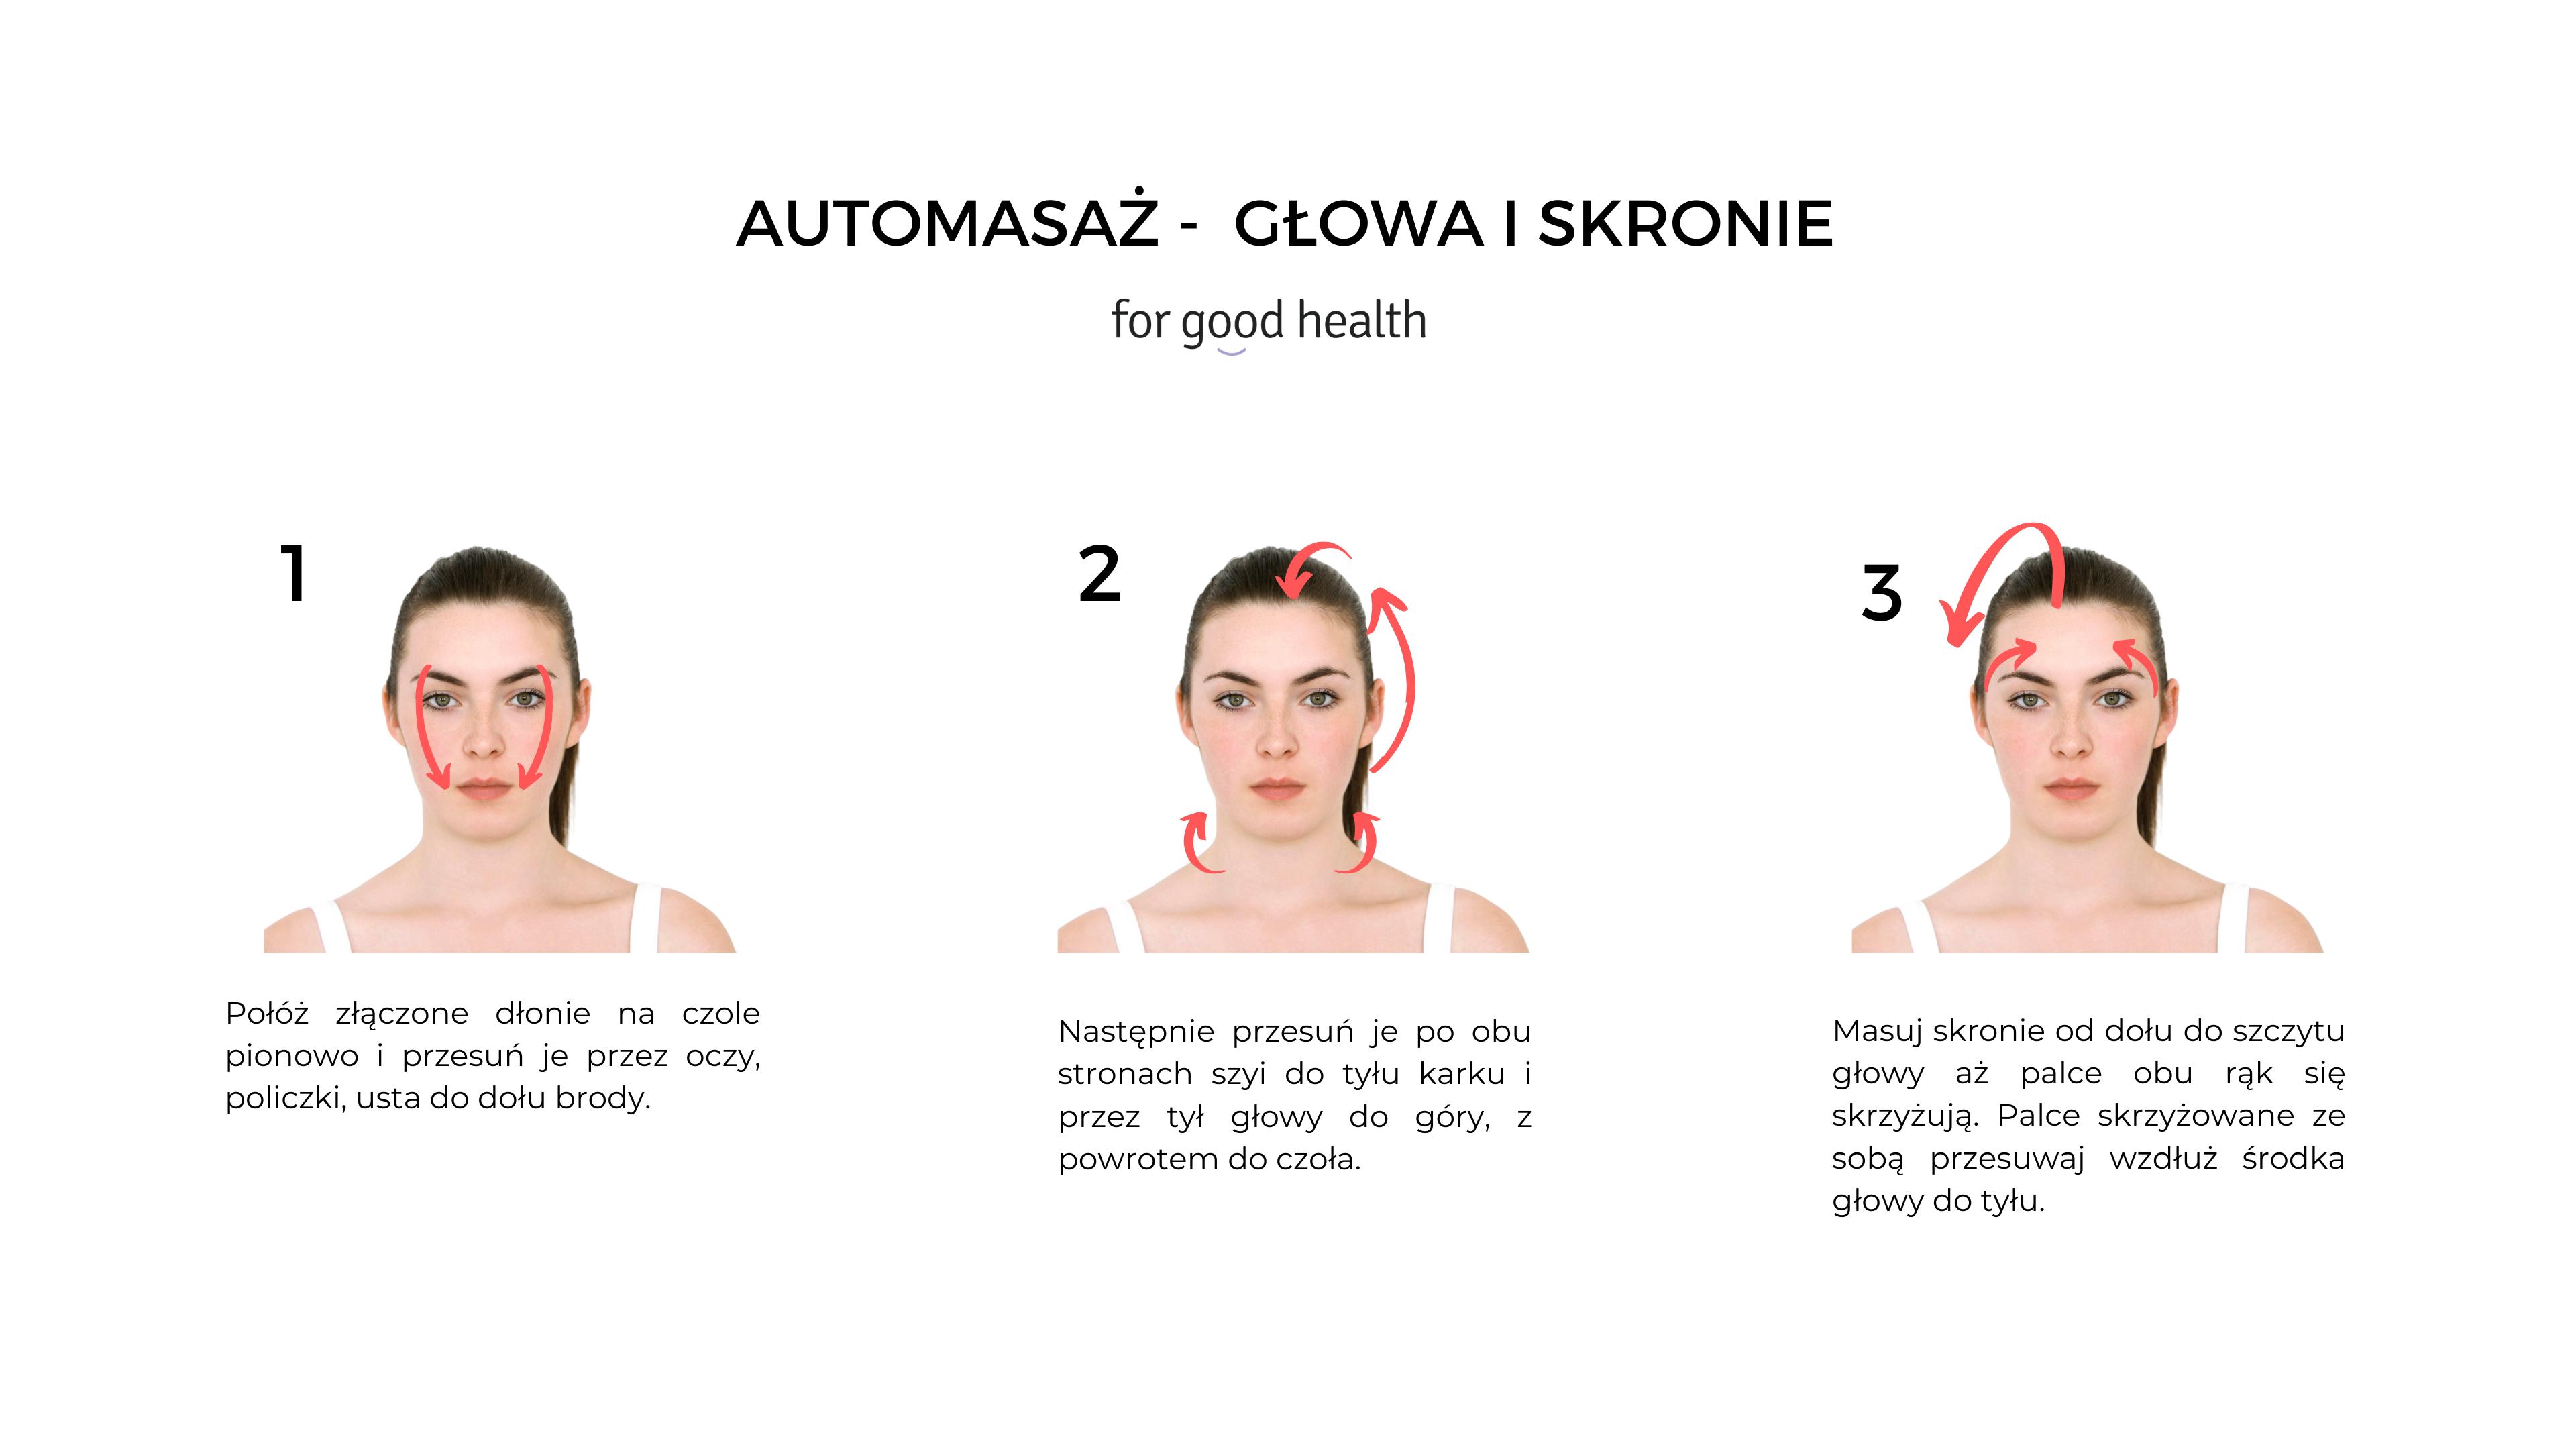 masaż skroni igłowy instrukcja